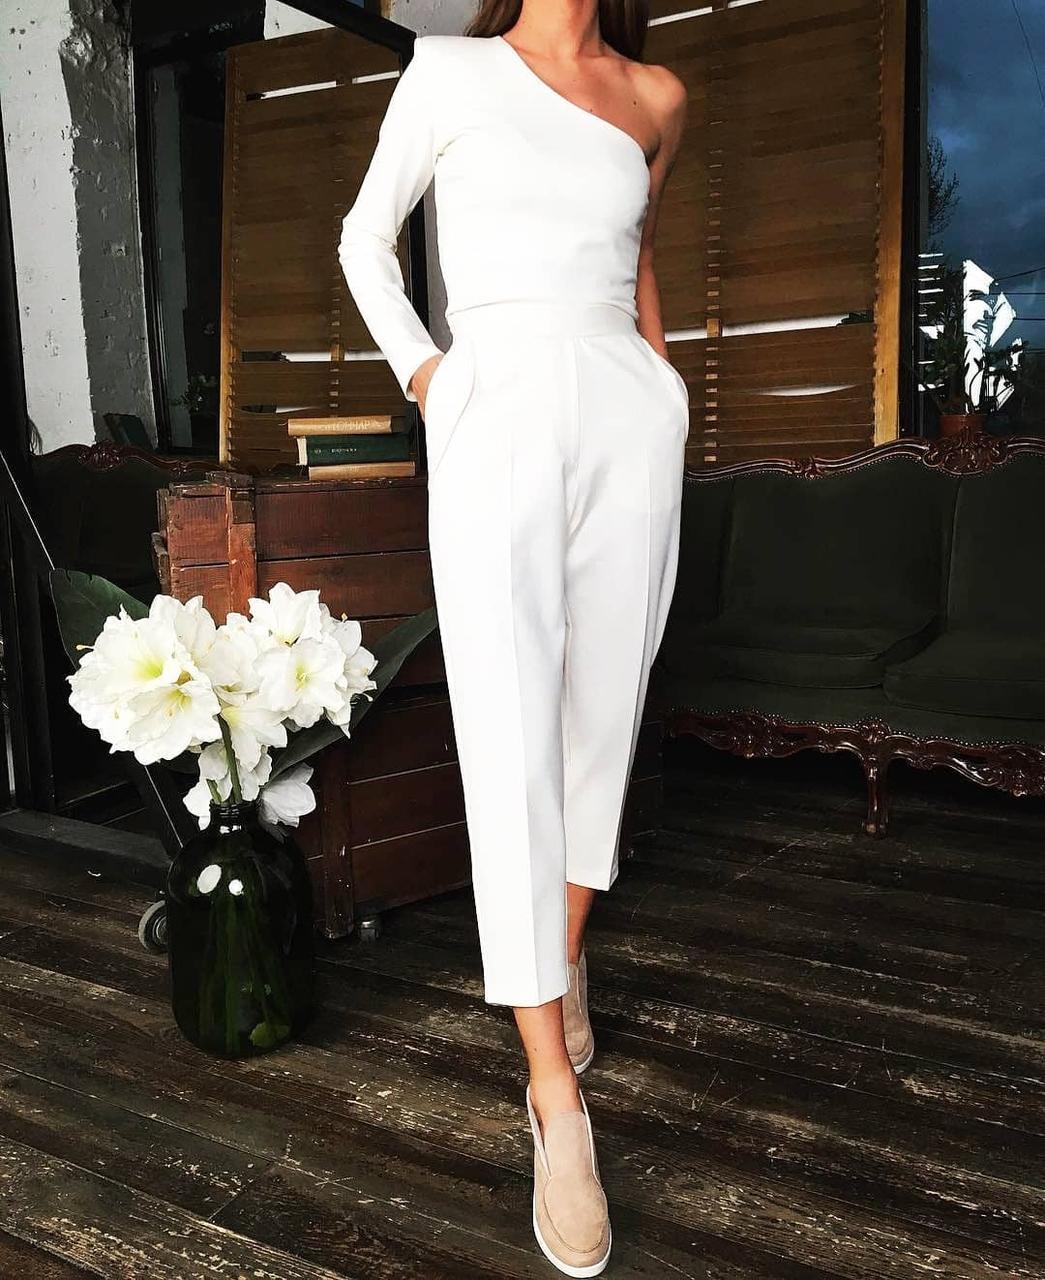 Стильный нарядный брючный костюм классический топ на одно плечо прямые брюки айвори белый